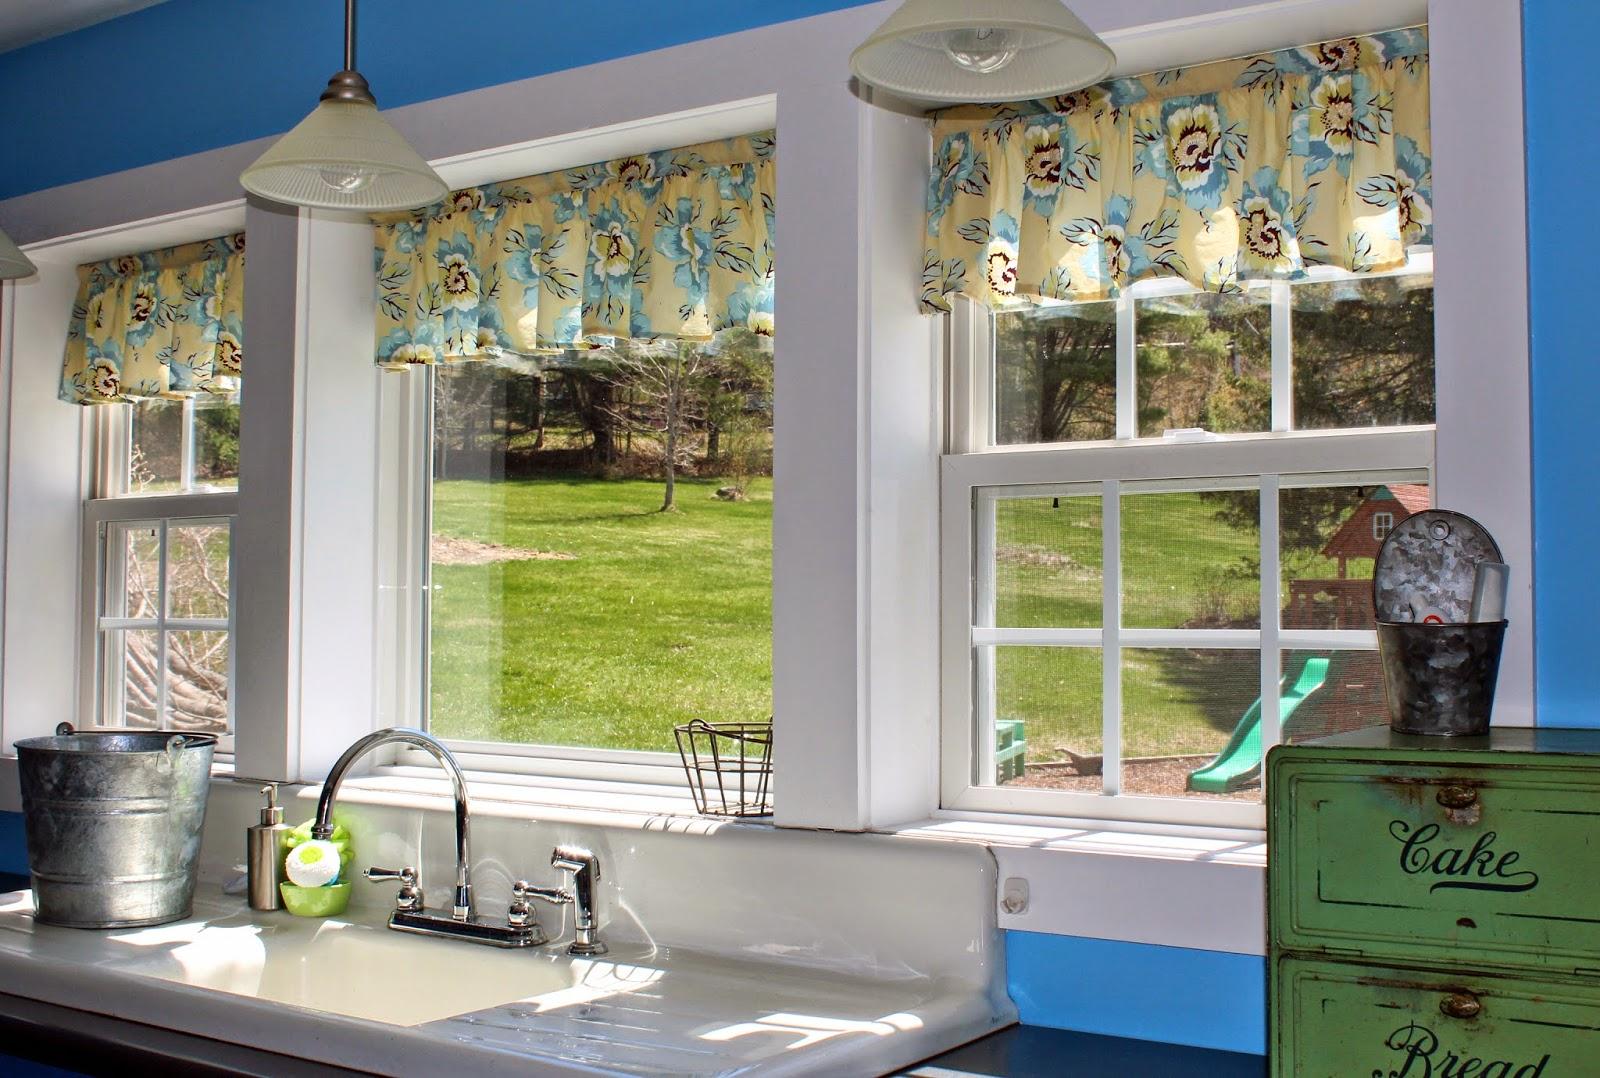 6 maneras para quitar la grasa de las ventanas de la cocina